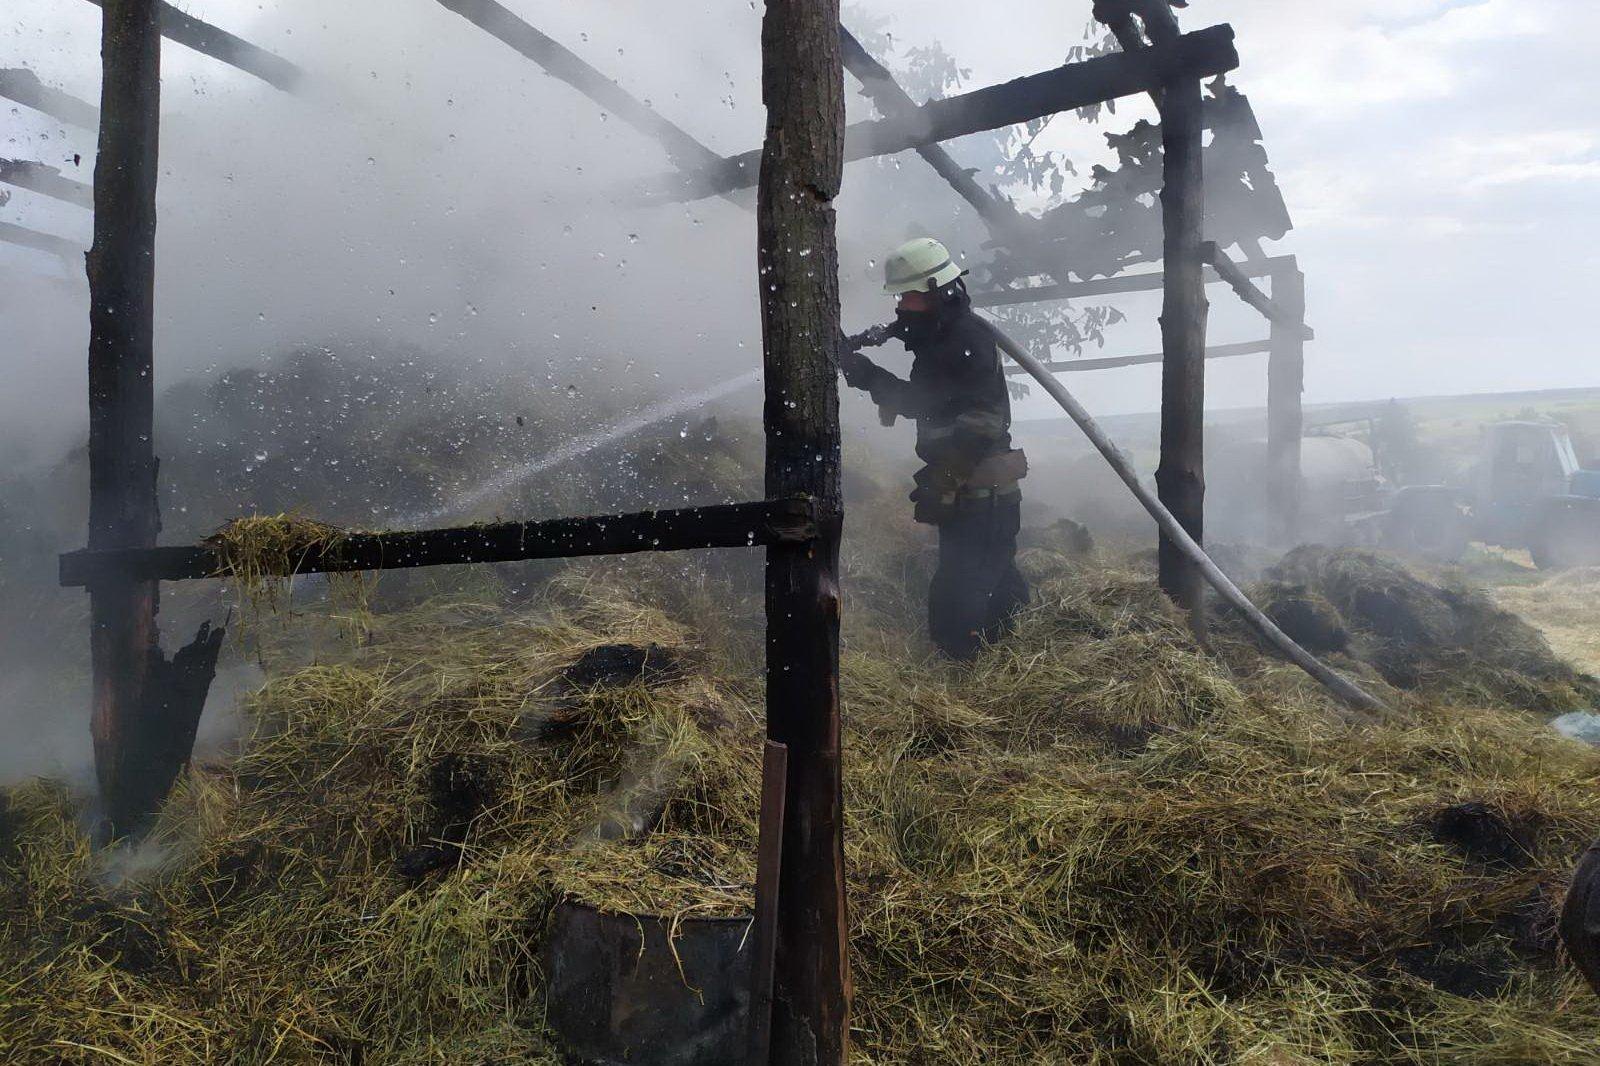 В Харьковской области спасатели 5 часов тушили сарай с сеном (фото)